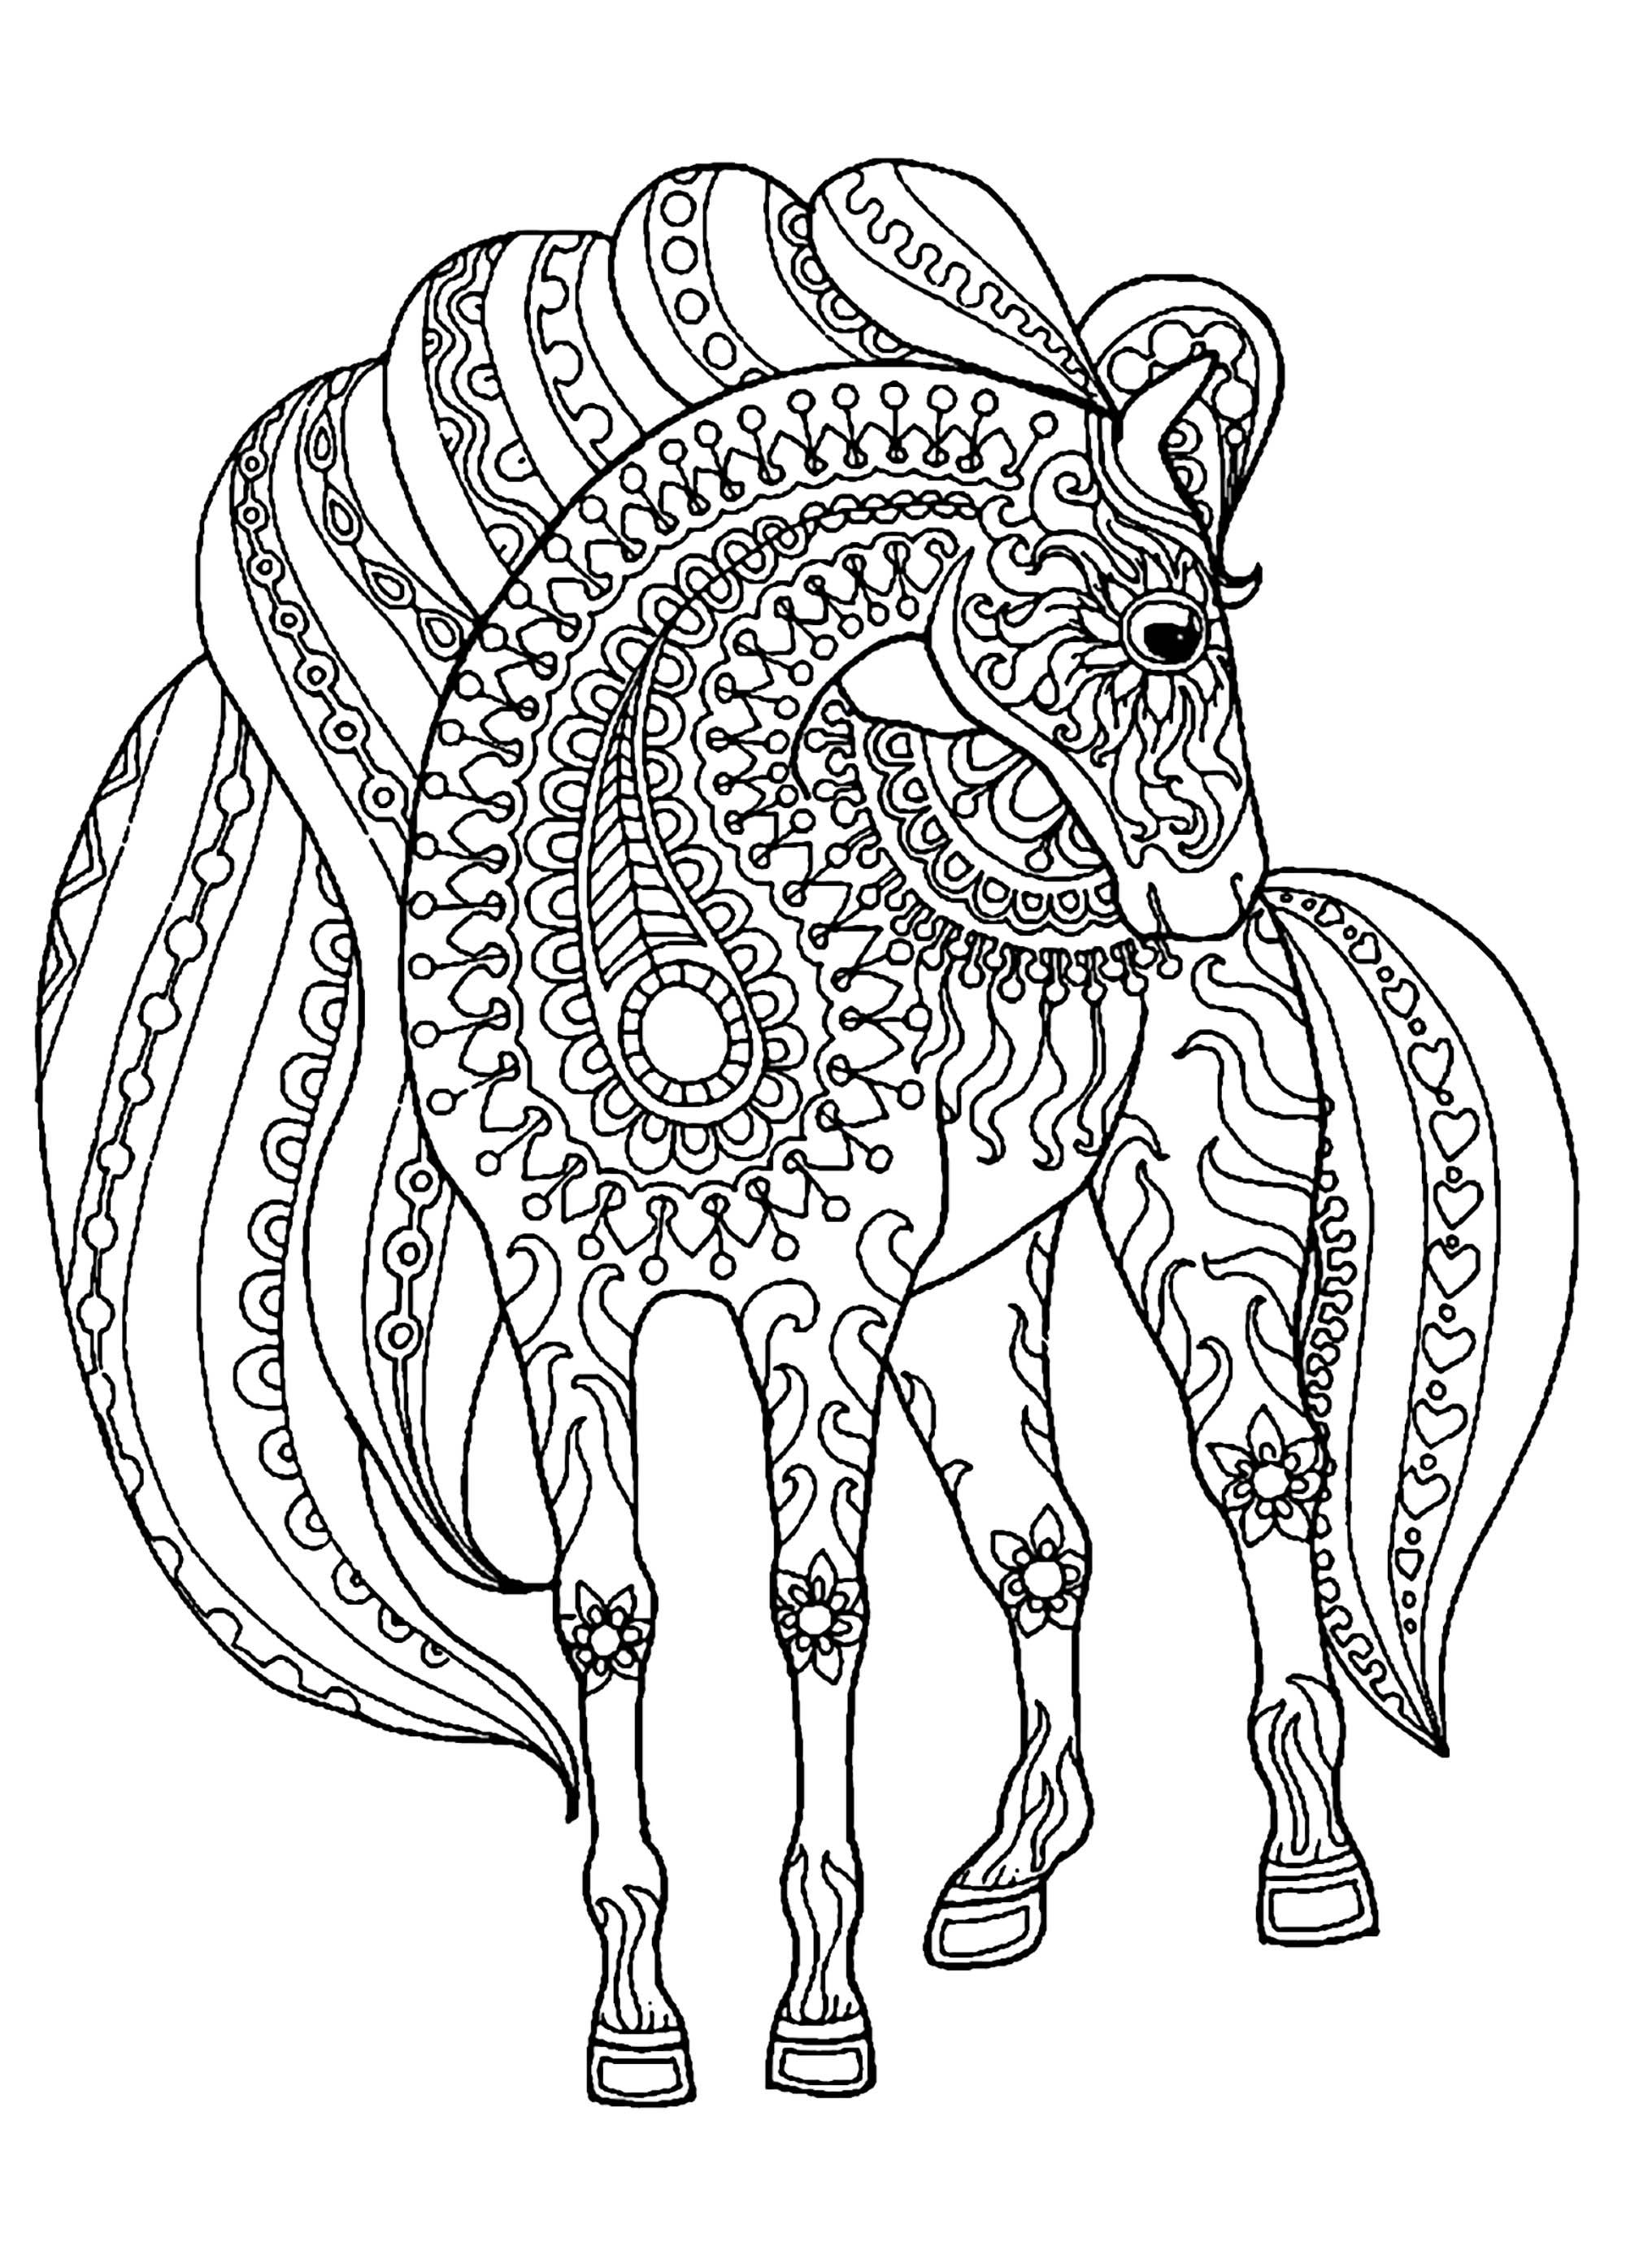 Ausmalbilder Erwachsene Pferd : Charmant Pferde Malbuch Seiten Galerie Framing Malvorlagen